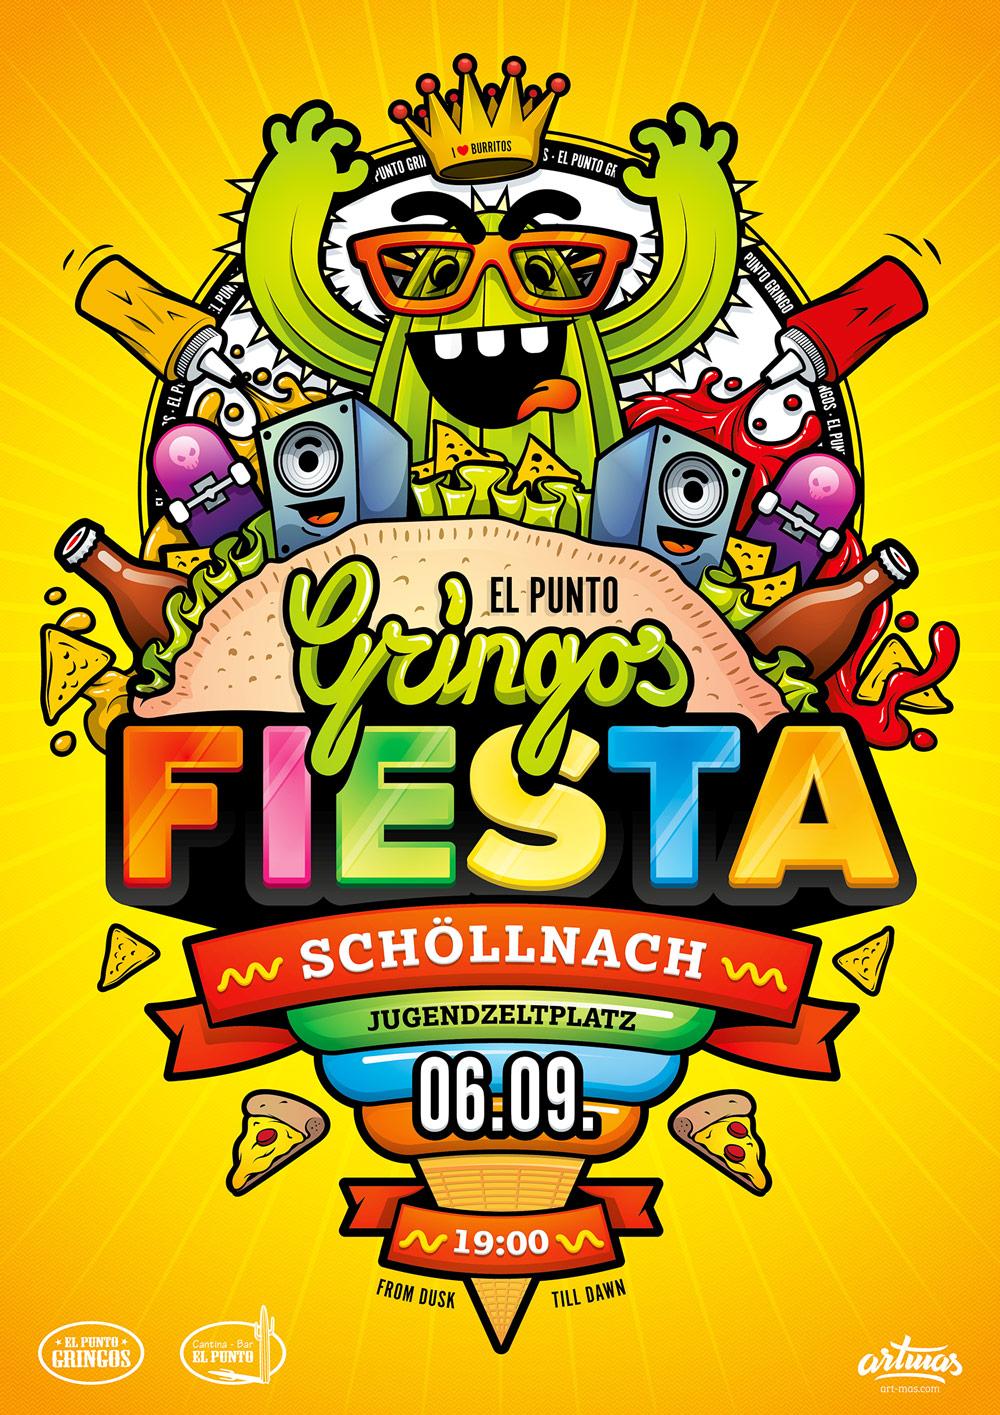 Gringos Fiesta 2014   Poster   Illustration By Artjom Meister   Art-mas.com